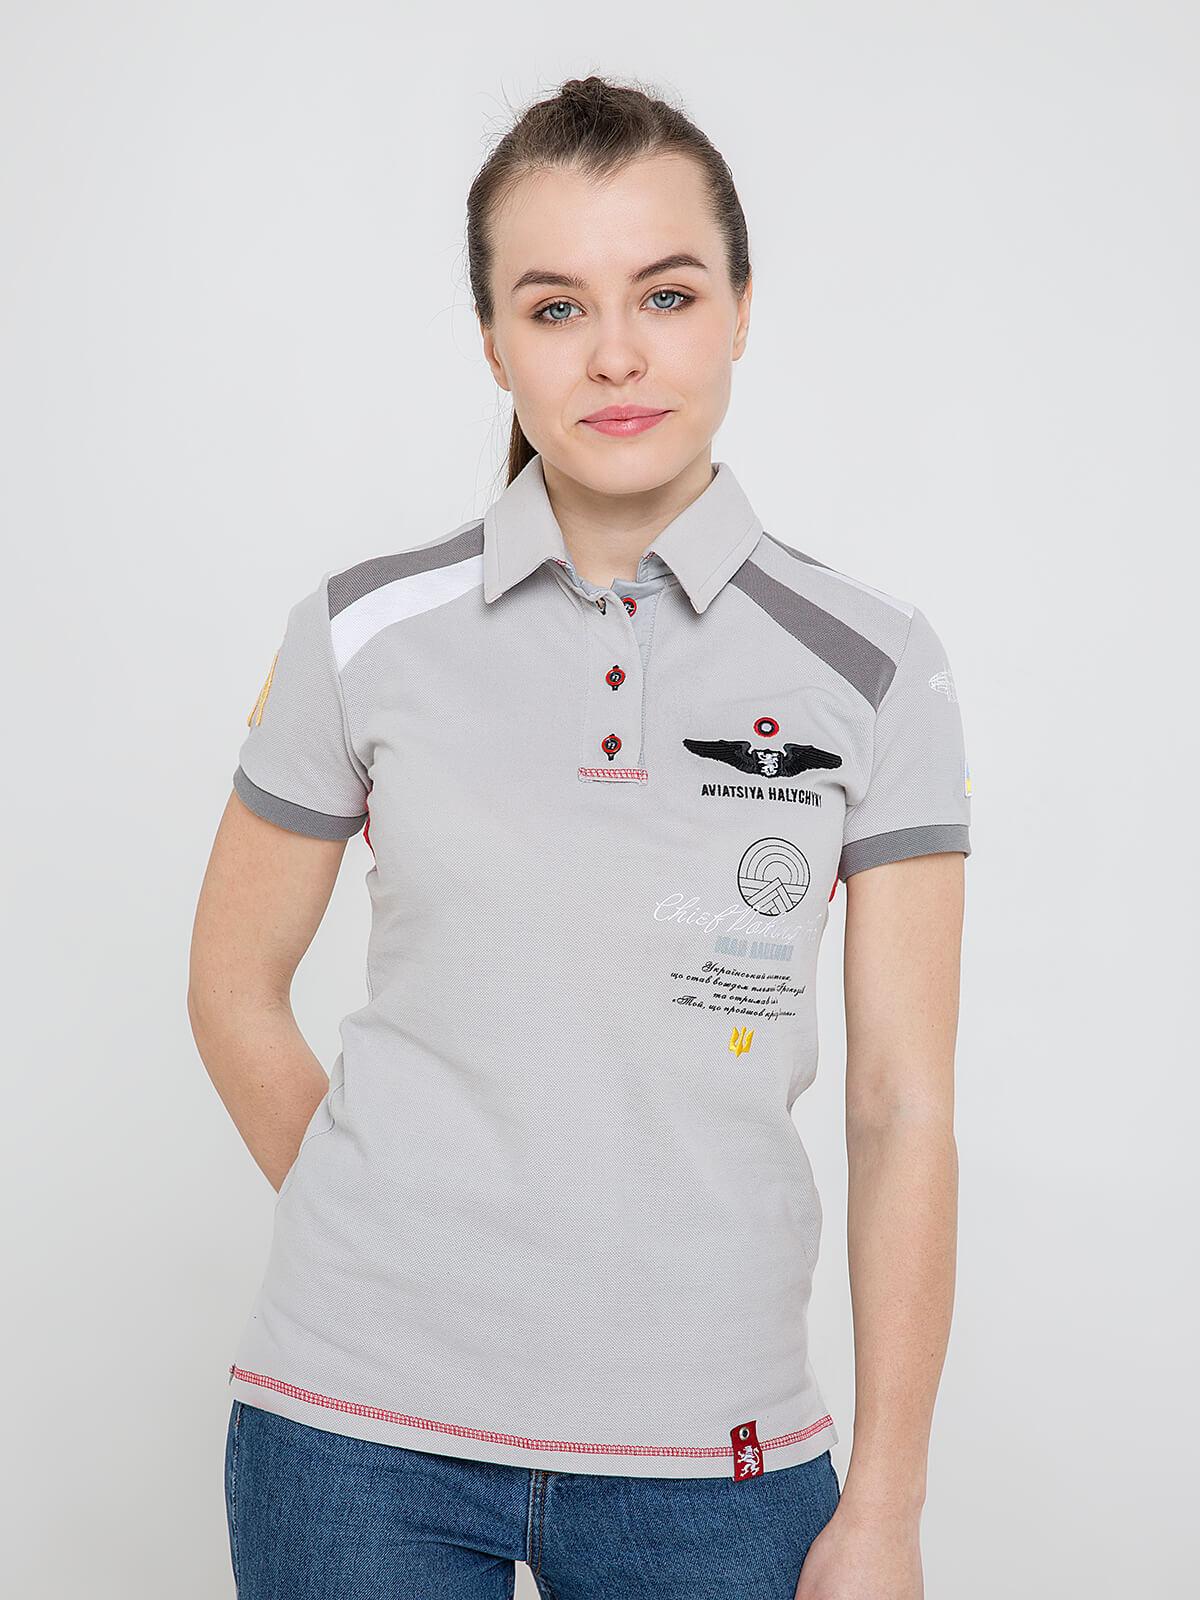 Women's Polo Shirt Indian. Color gray. Pique fabric: 100% cotton.